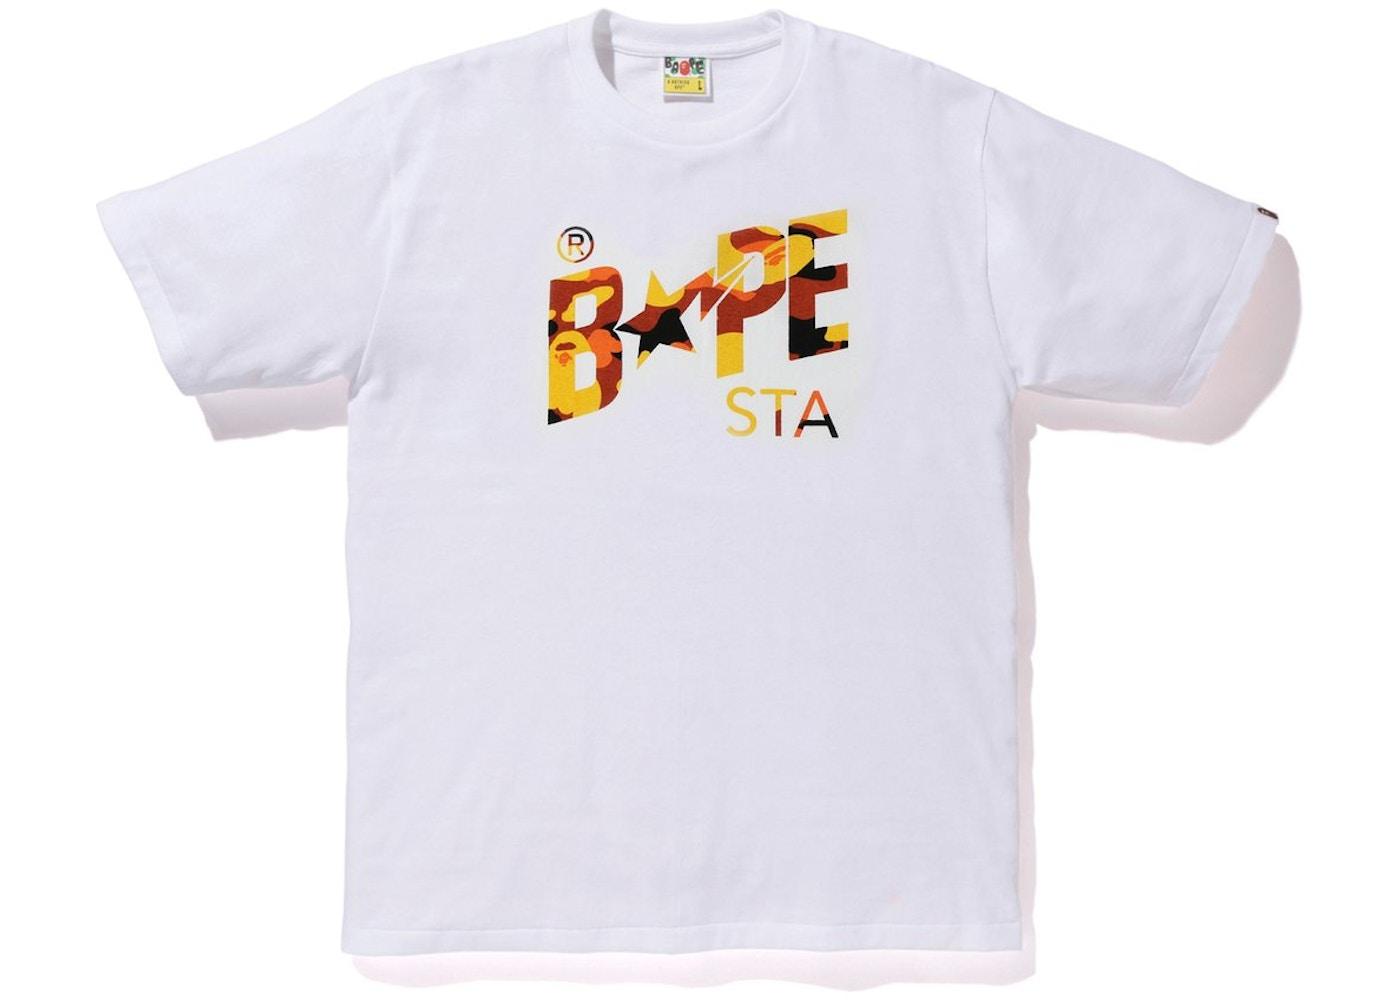 a07ab5d0d1960 BAPE Pigment 1st Camo Bapesta Tee White/Orange. Pigment 1st Camo Bapesta